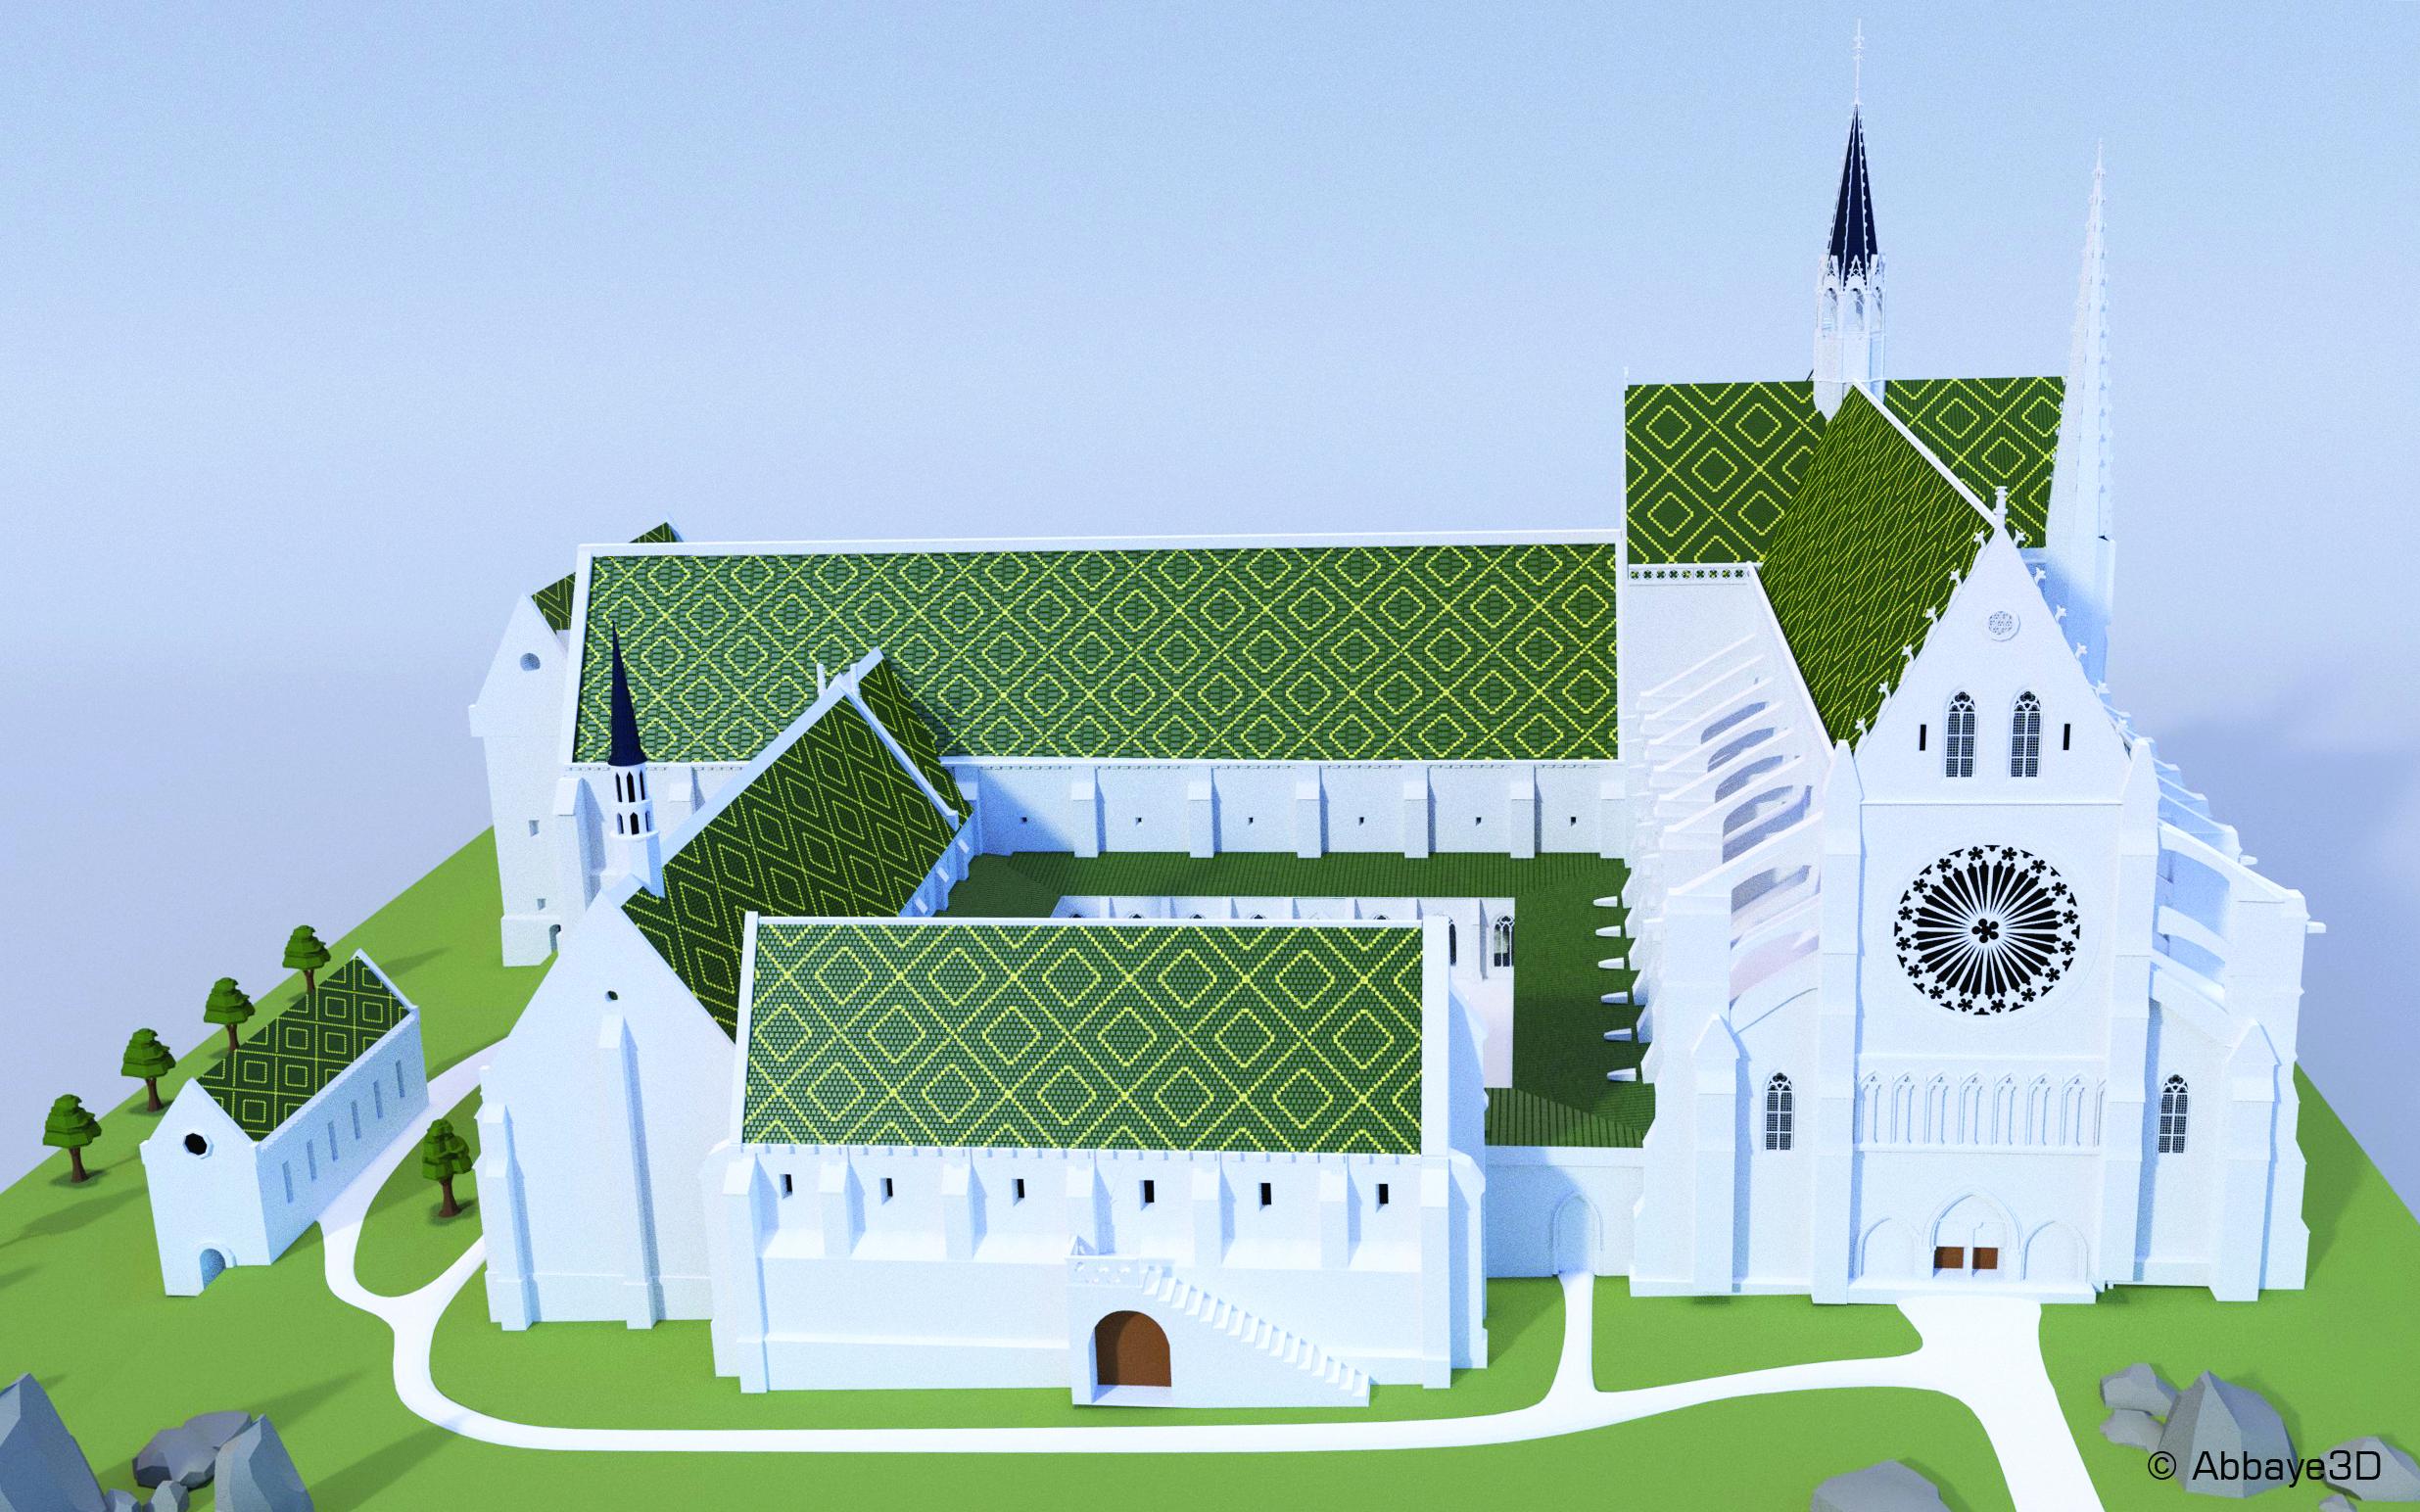 Abbaye 3D | Cellier_lpmn_©abbaye3D